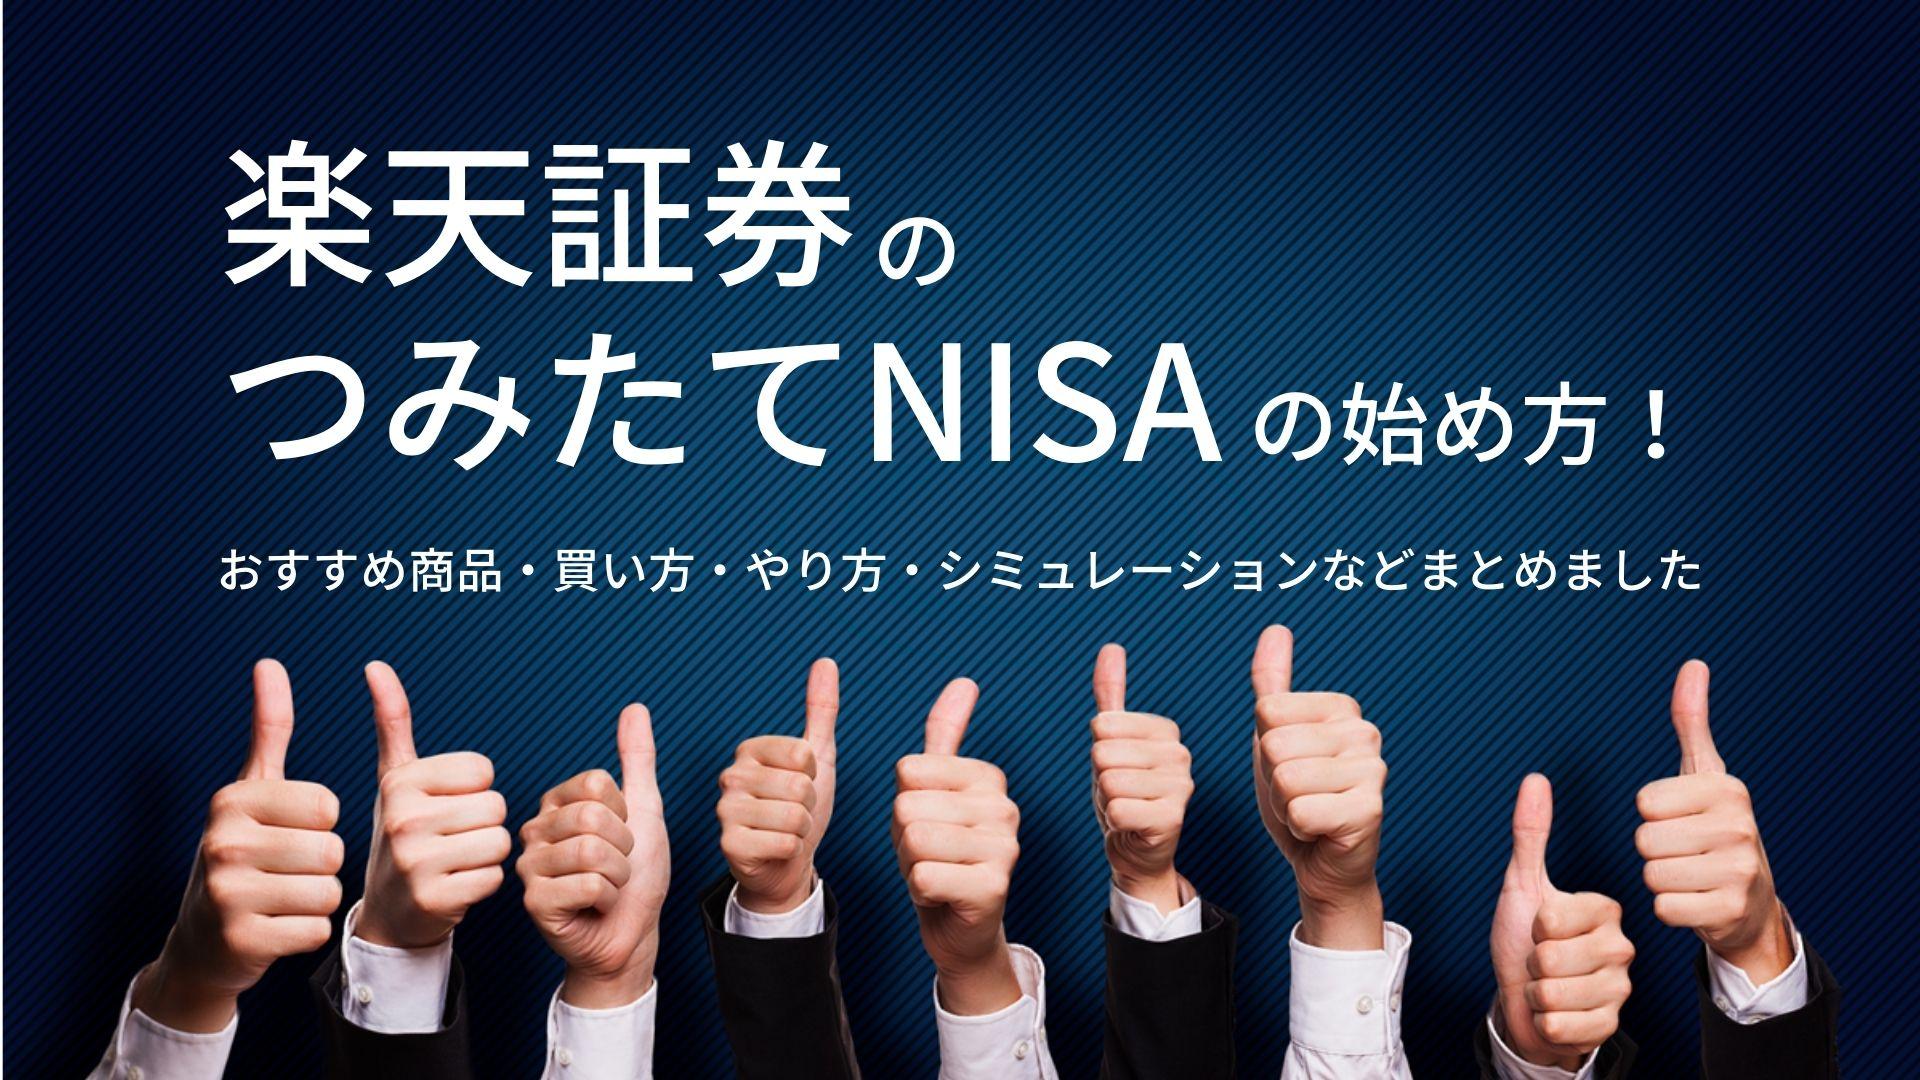 楽天証券のつみたてNISAの始め方!おすすめ商品・買い方・やり方・シミュレーションなどまとめました!